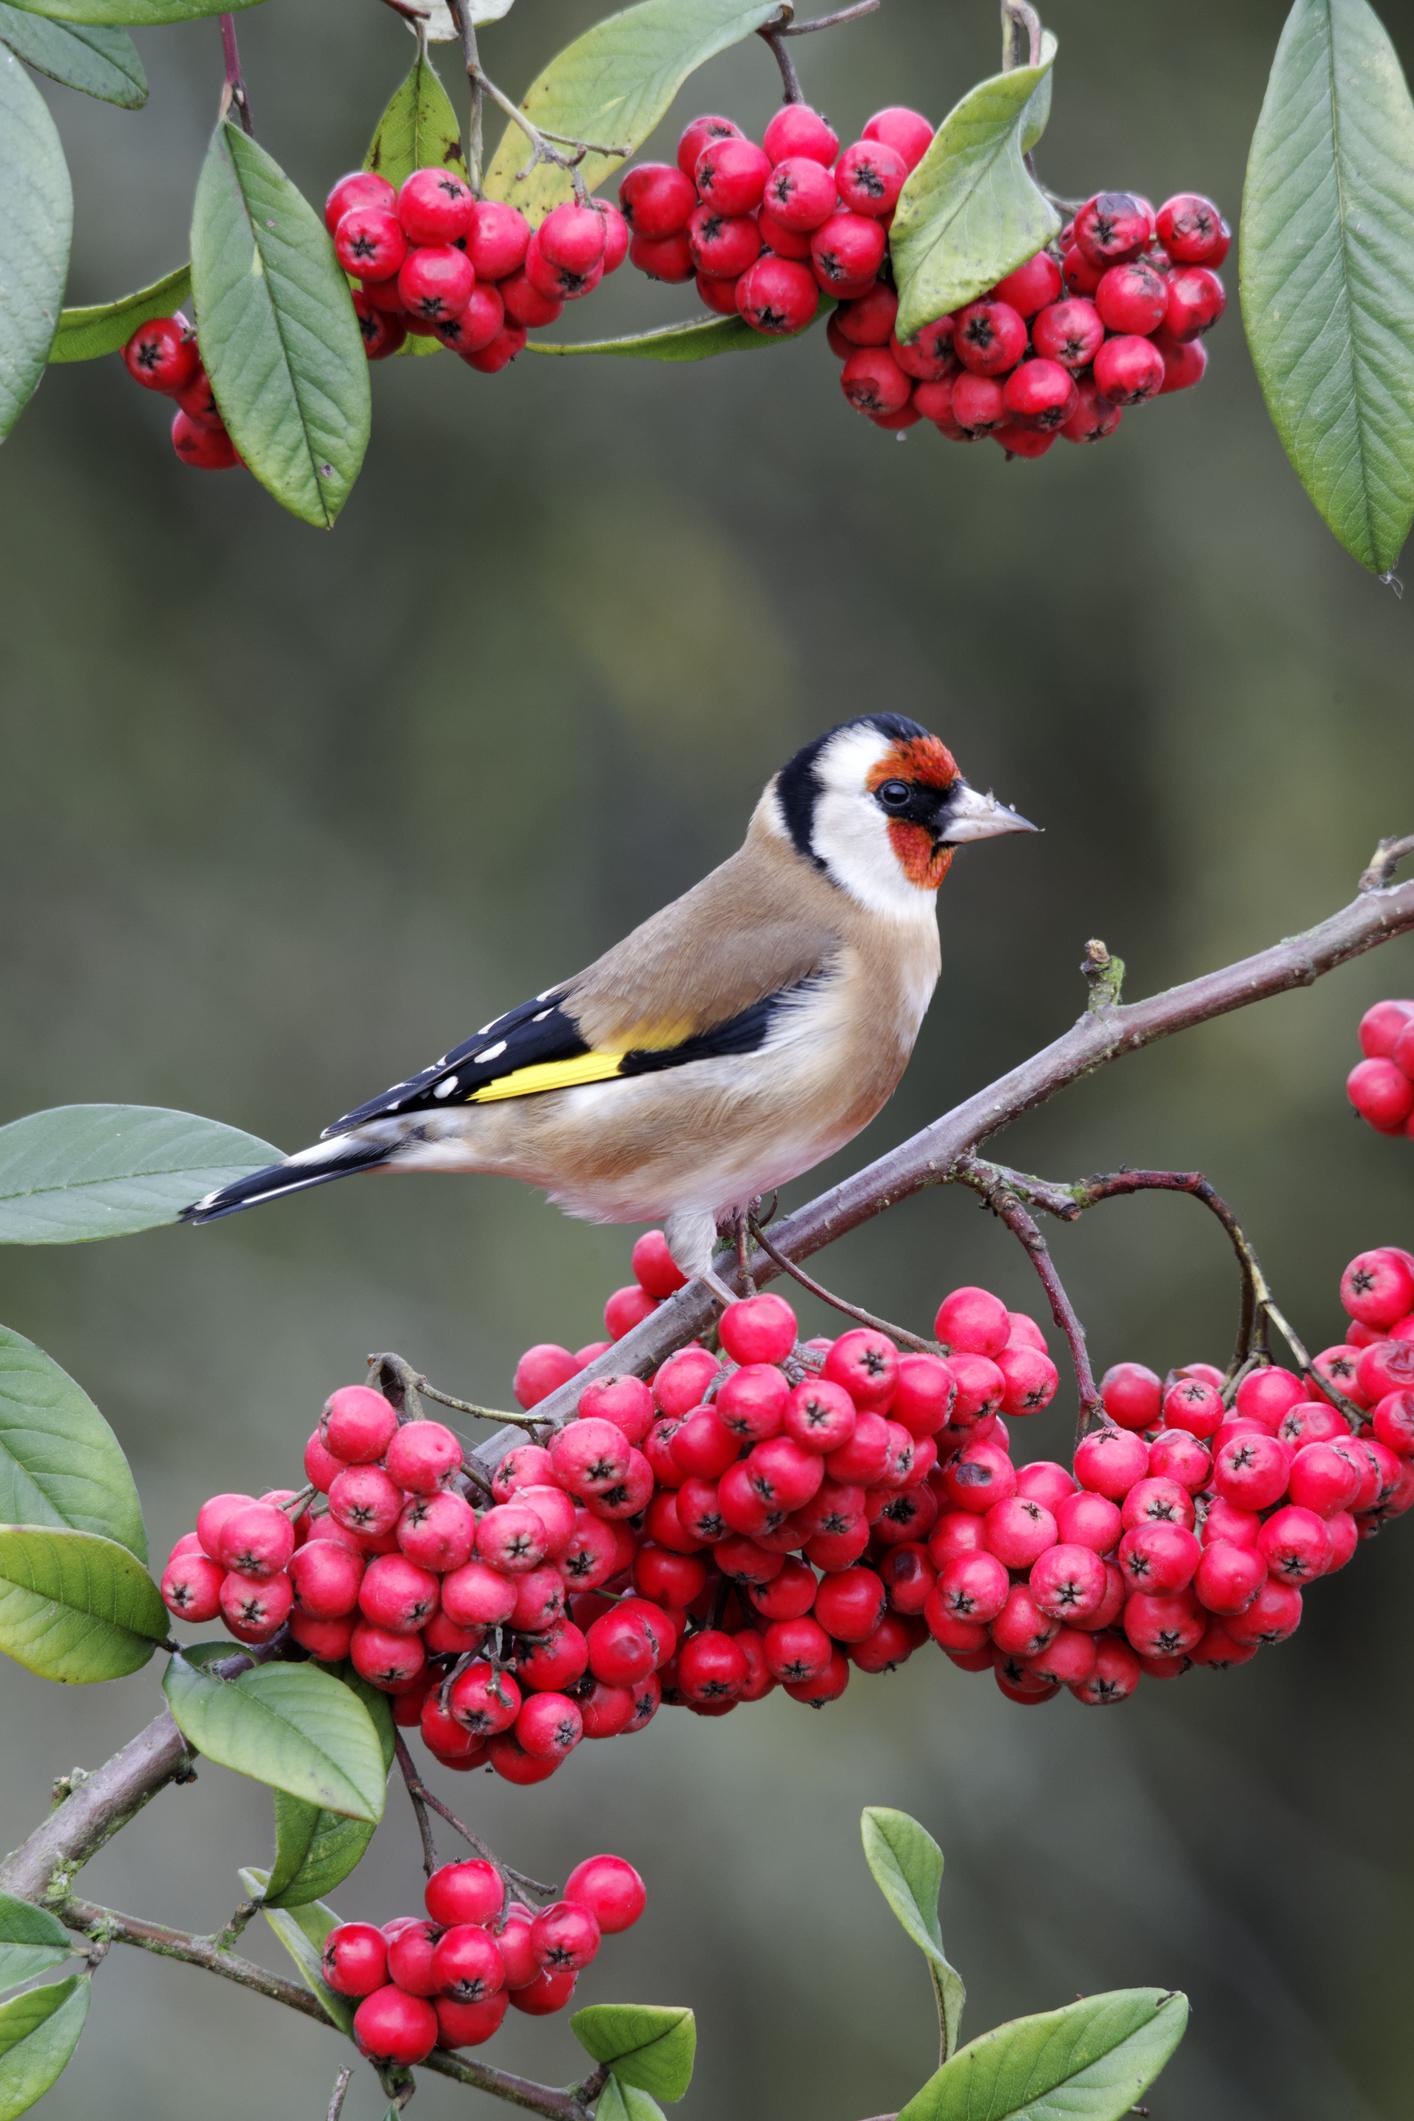 Milyen madár van a képen?